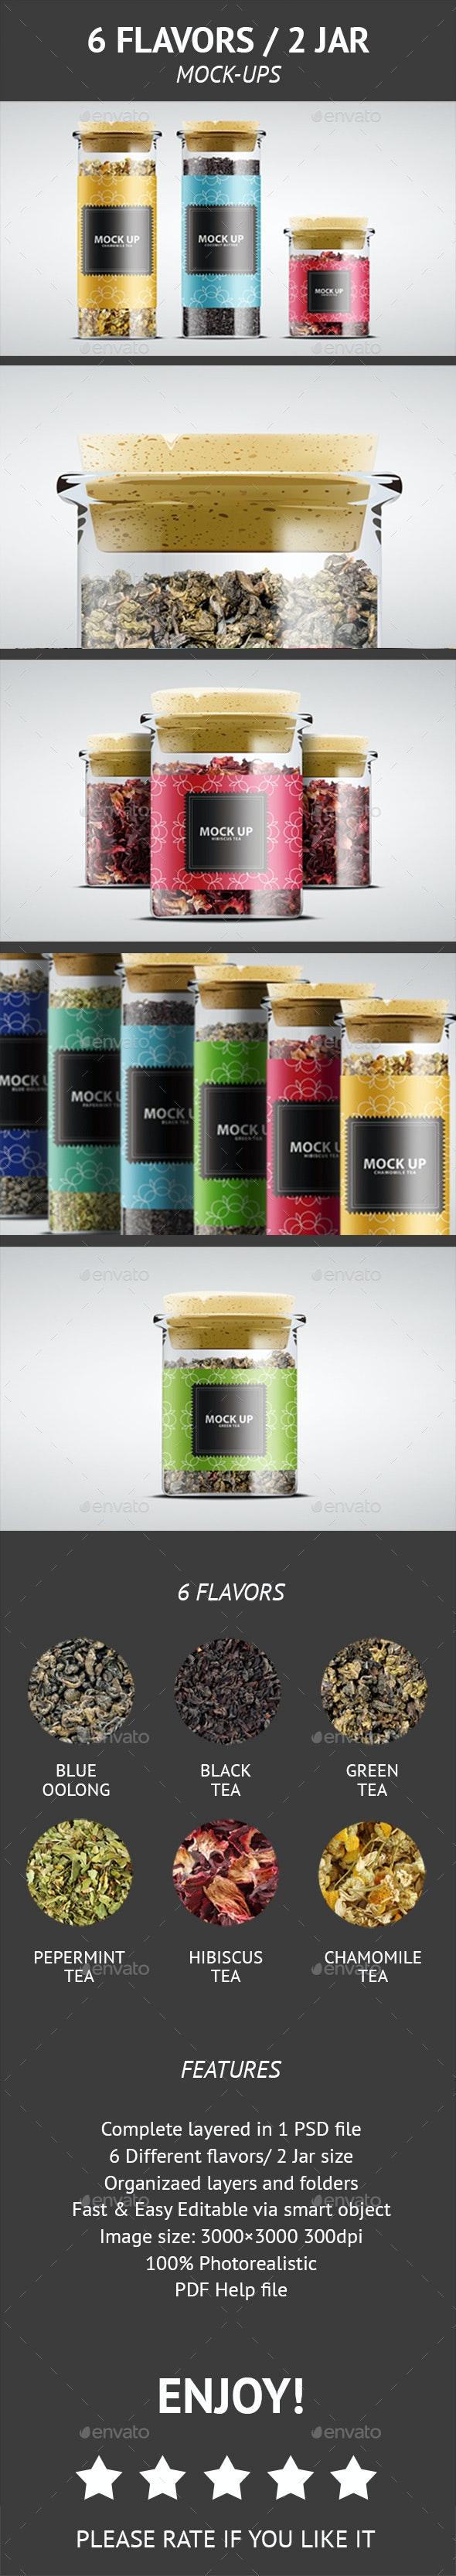 6 FLAVORS / 2 JAR  - Food and Drink Packaging